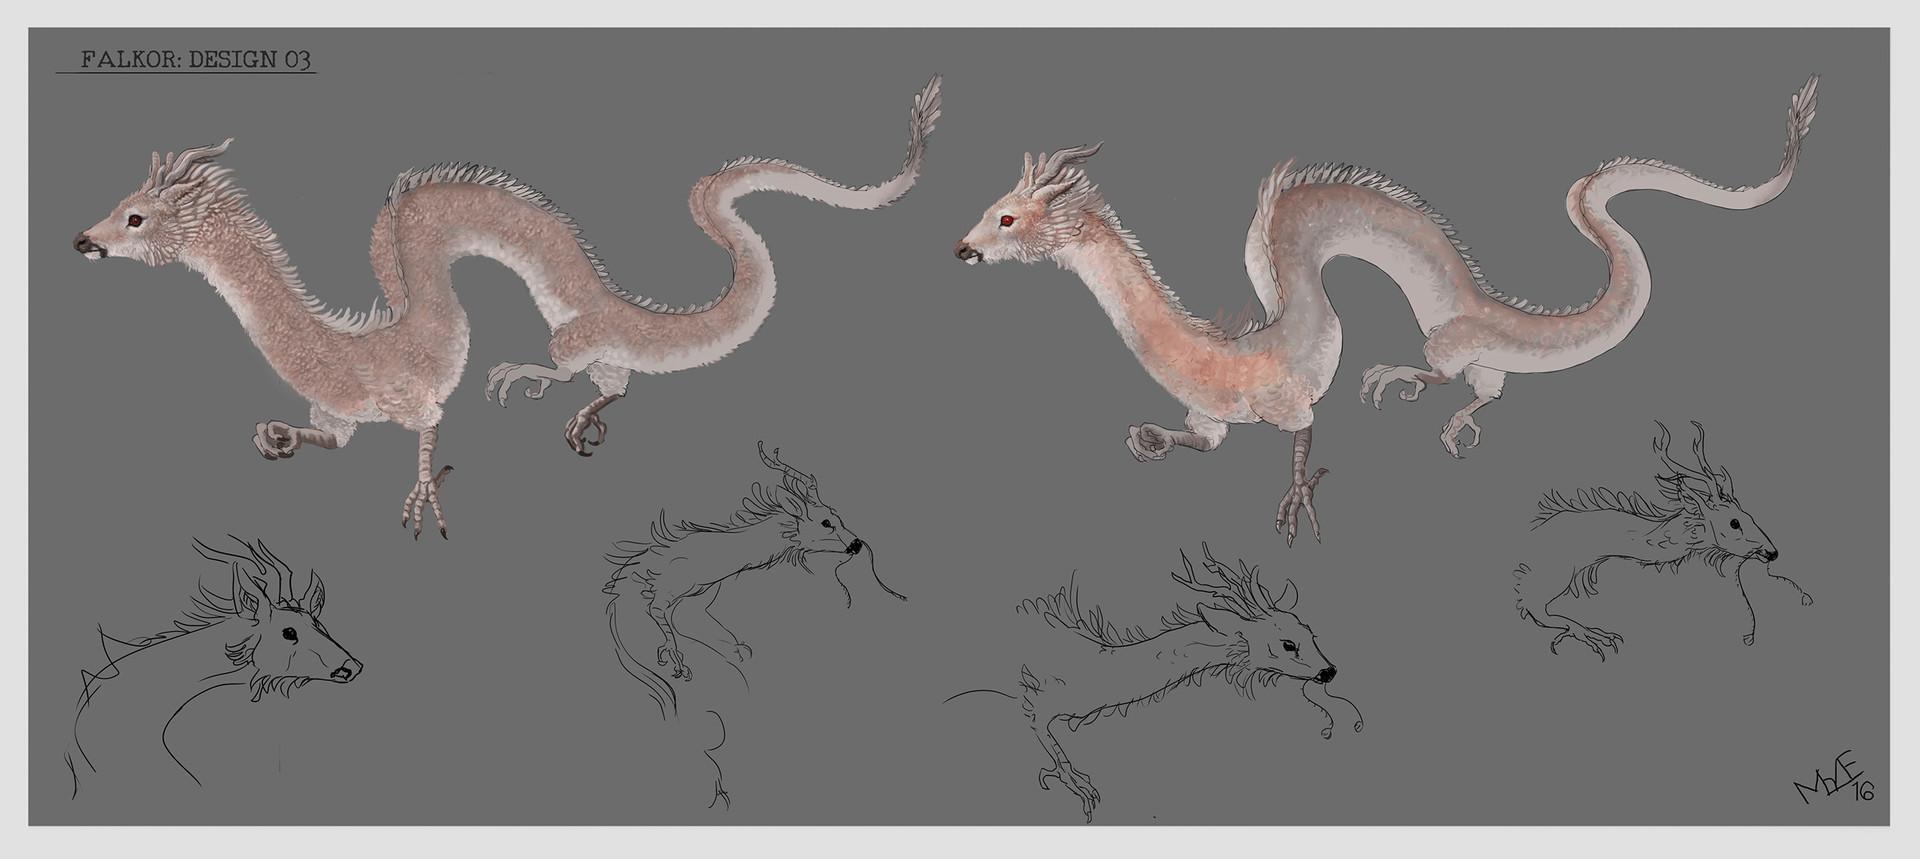 Marianne eie falkor design 03